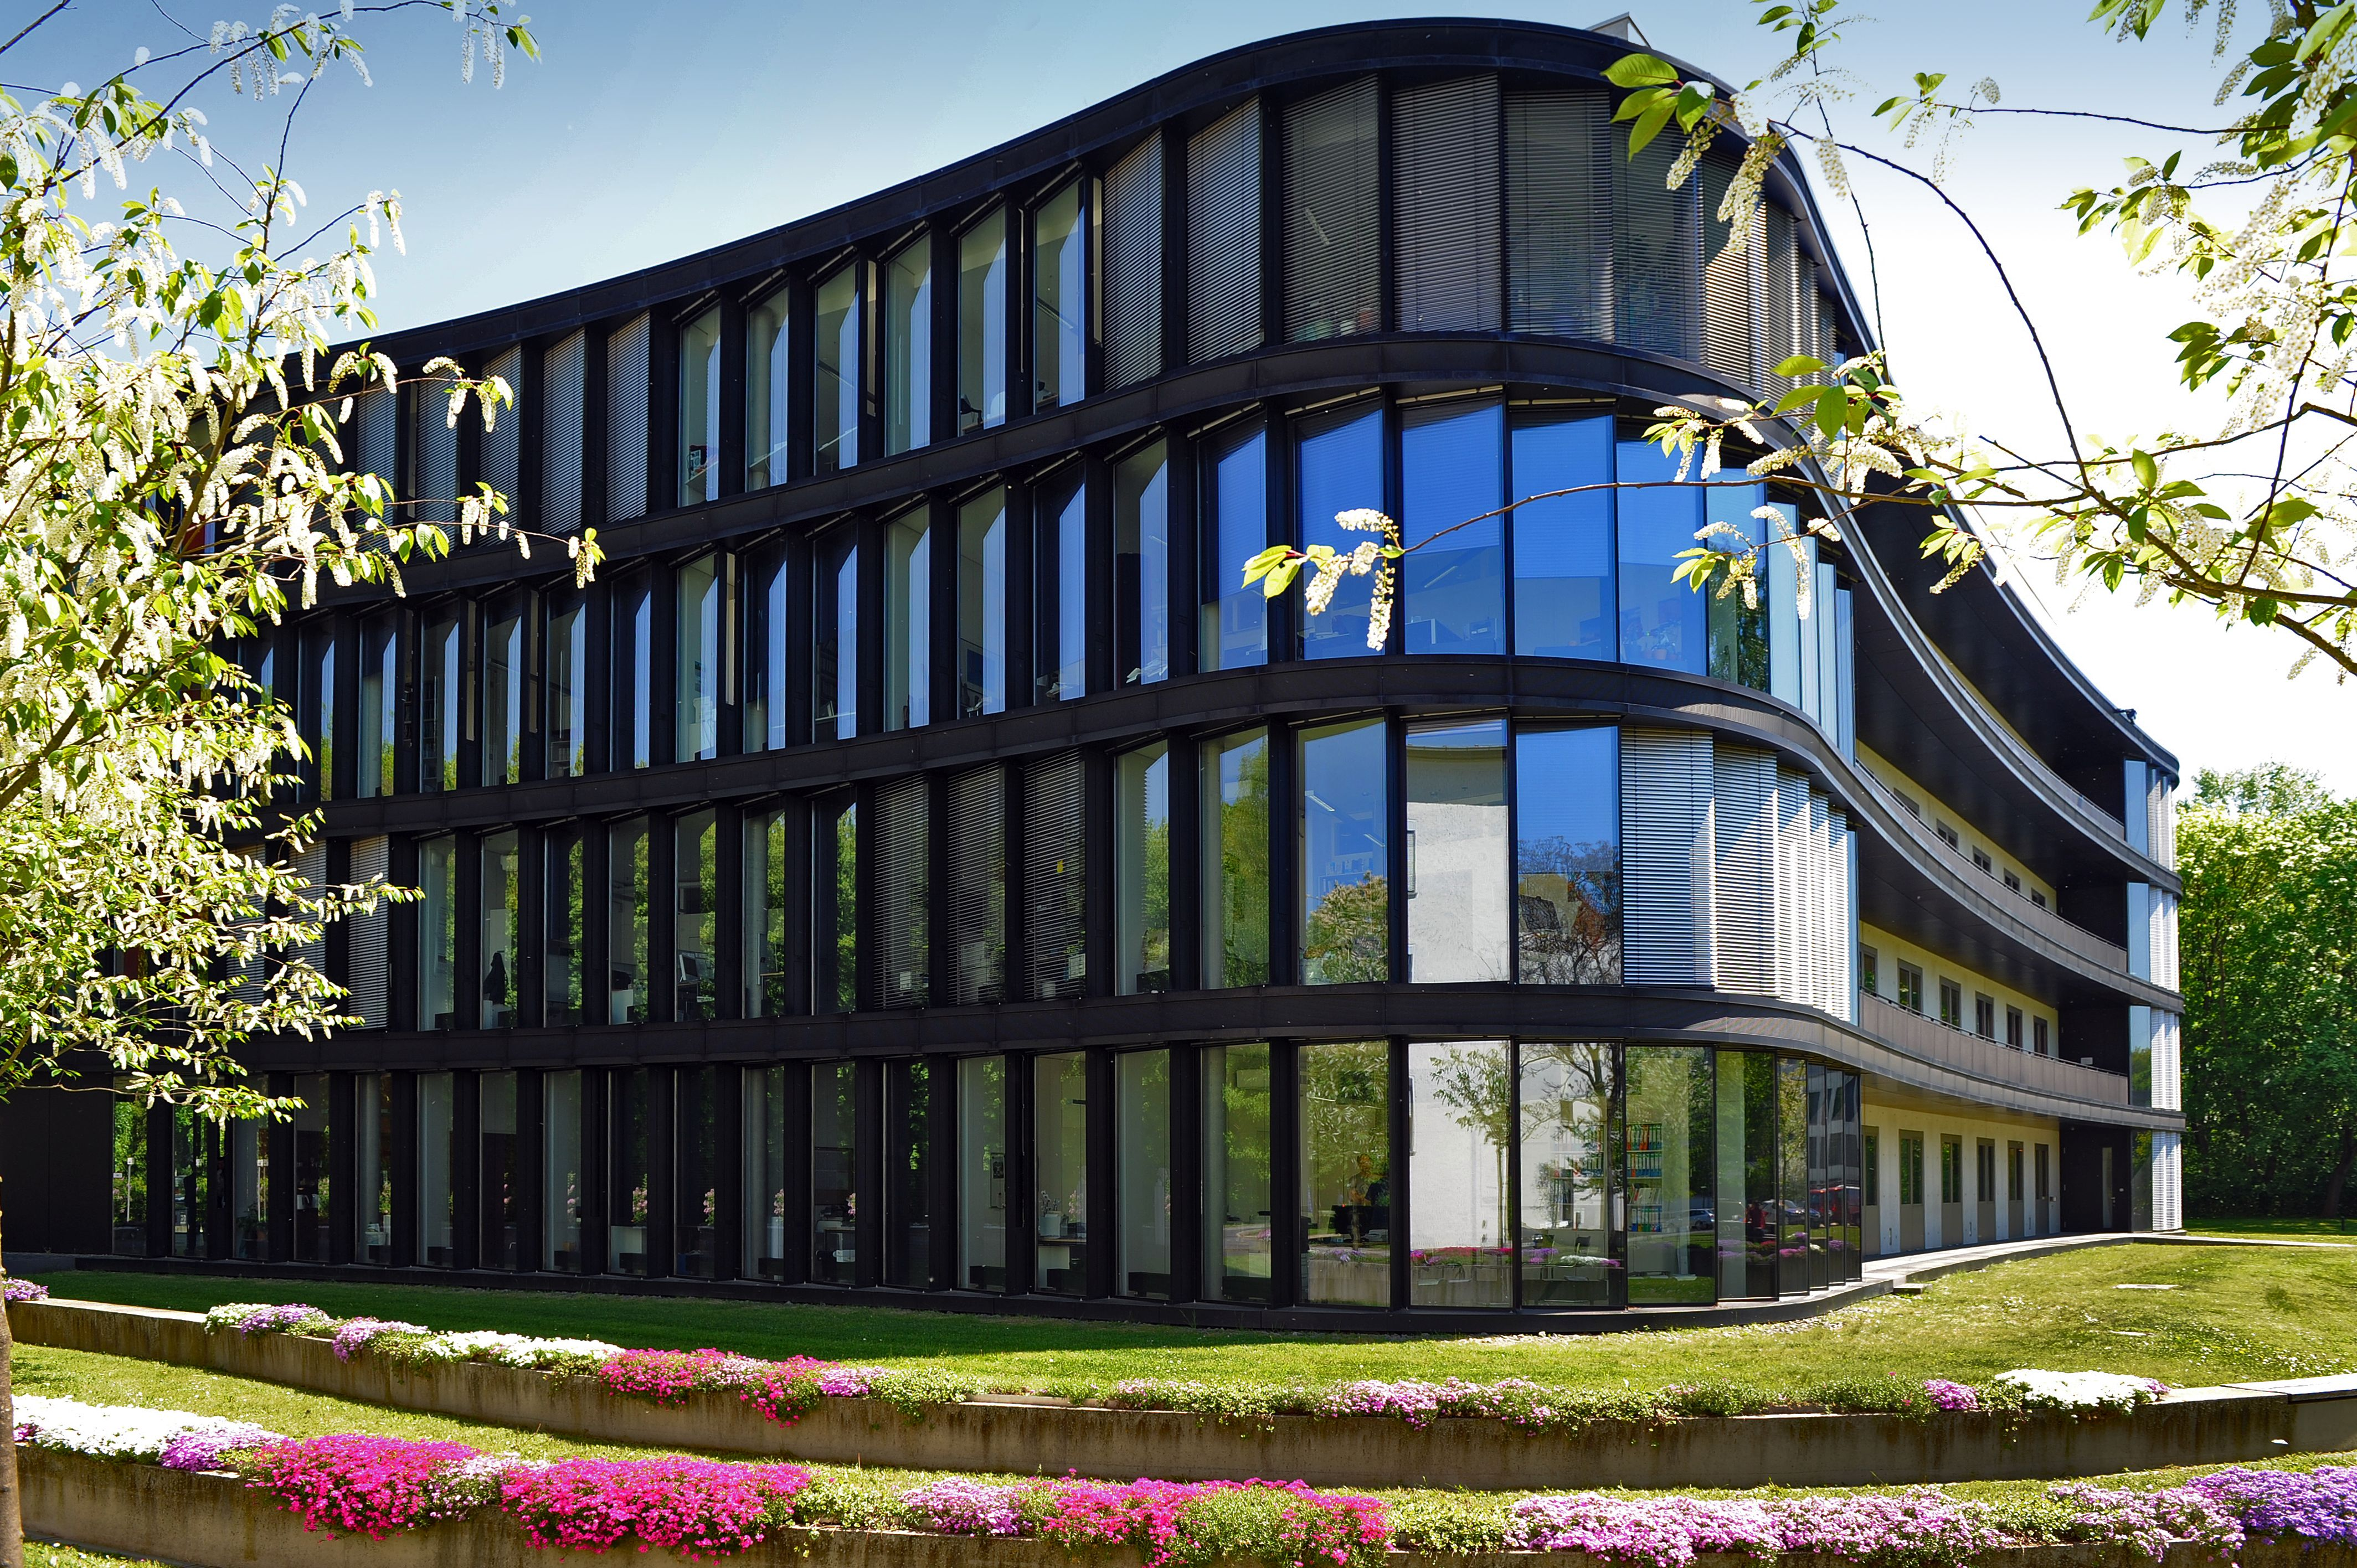 Ansicht der Außenfassade des Hauptgebäudes des Campus Berlin Buch